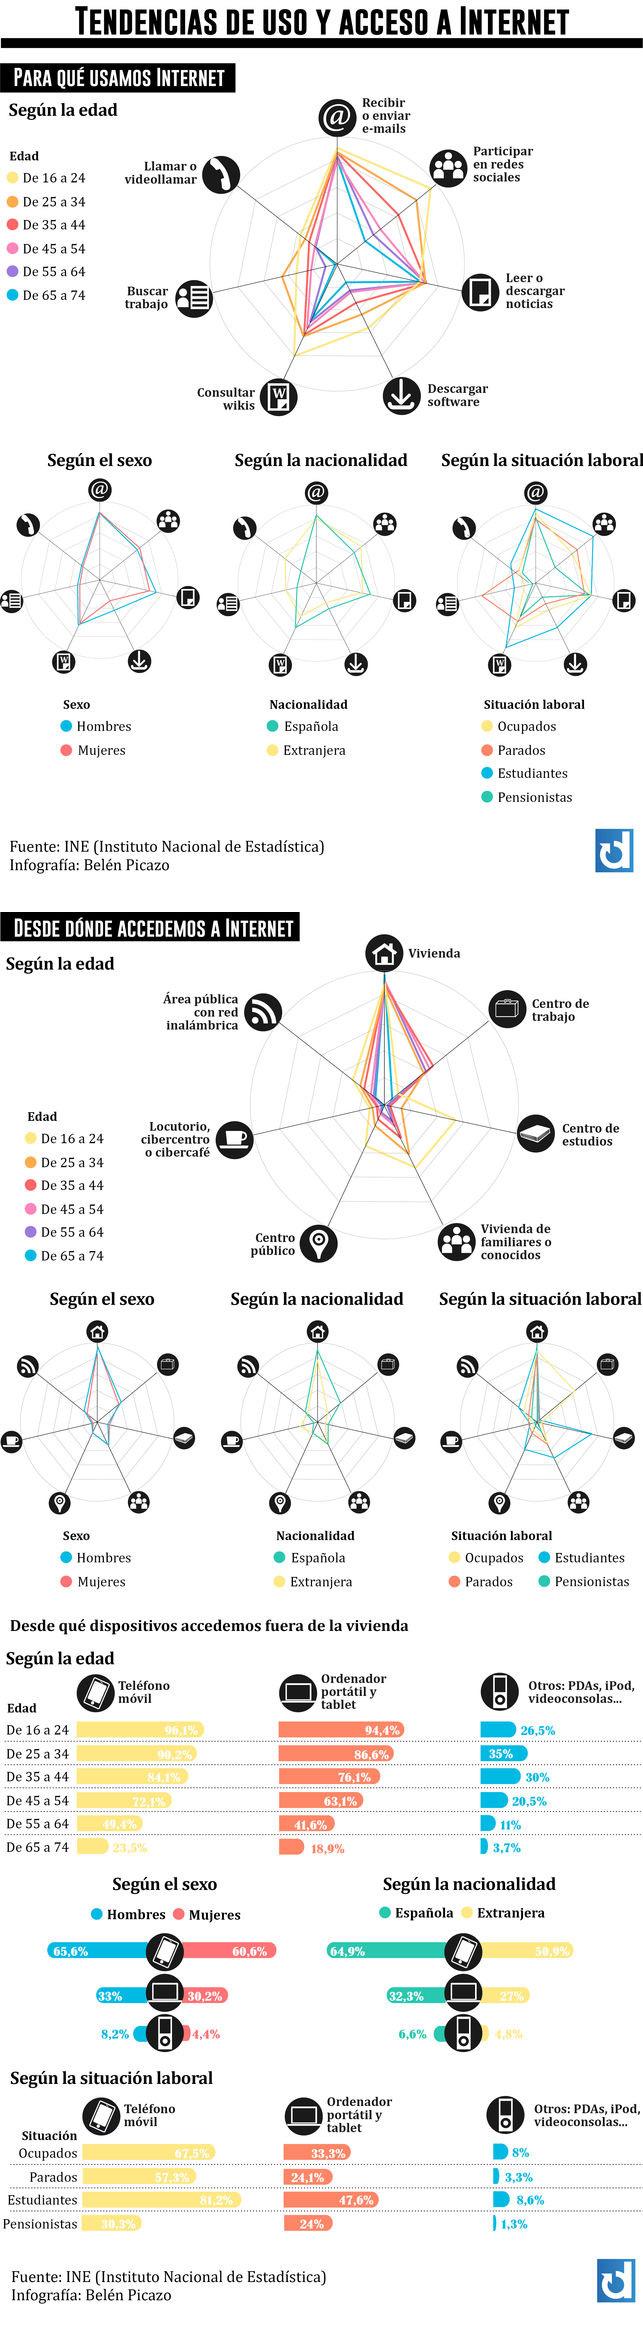 infografia-acceso-internet-espana-blog-hostalia-hosting